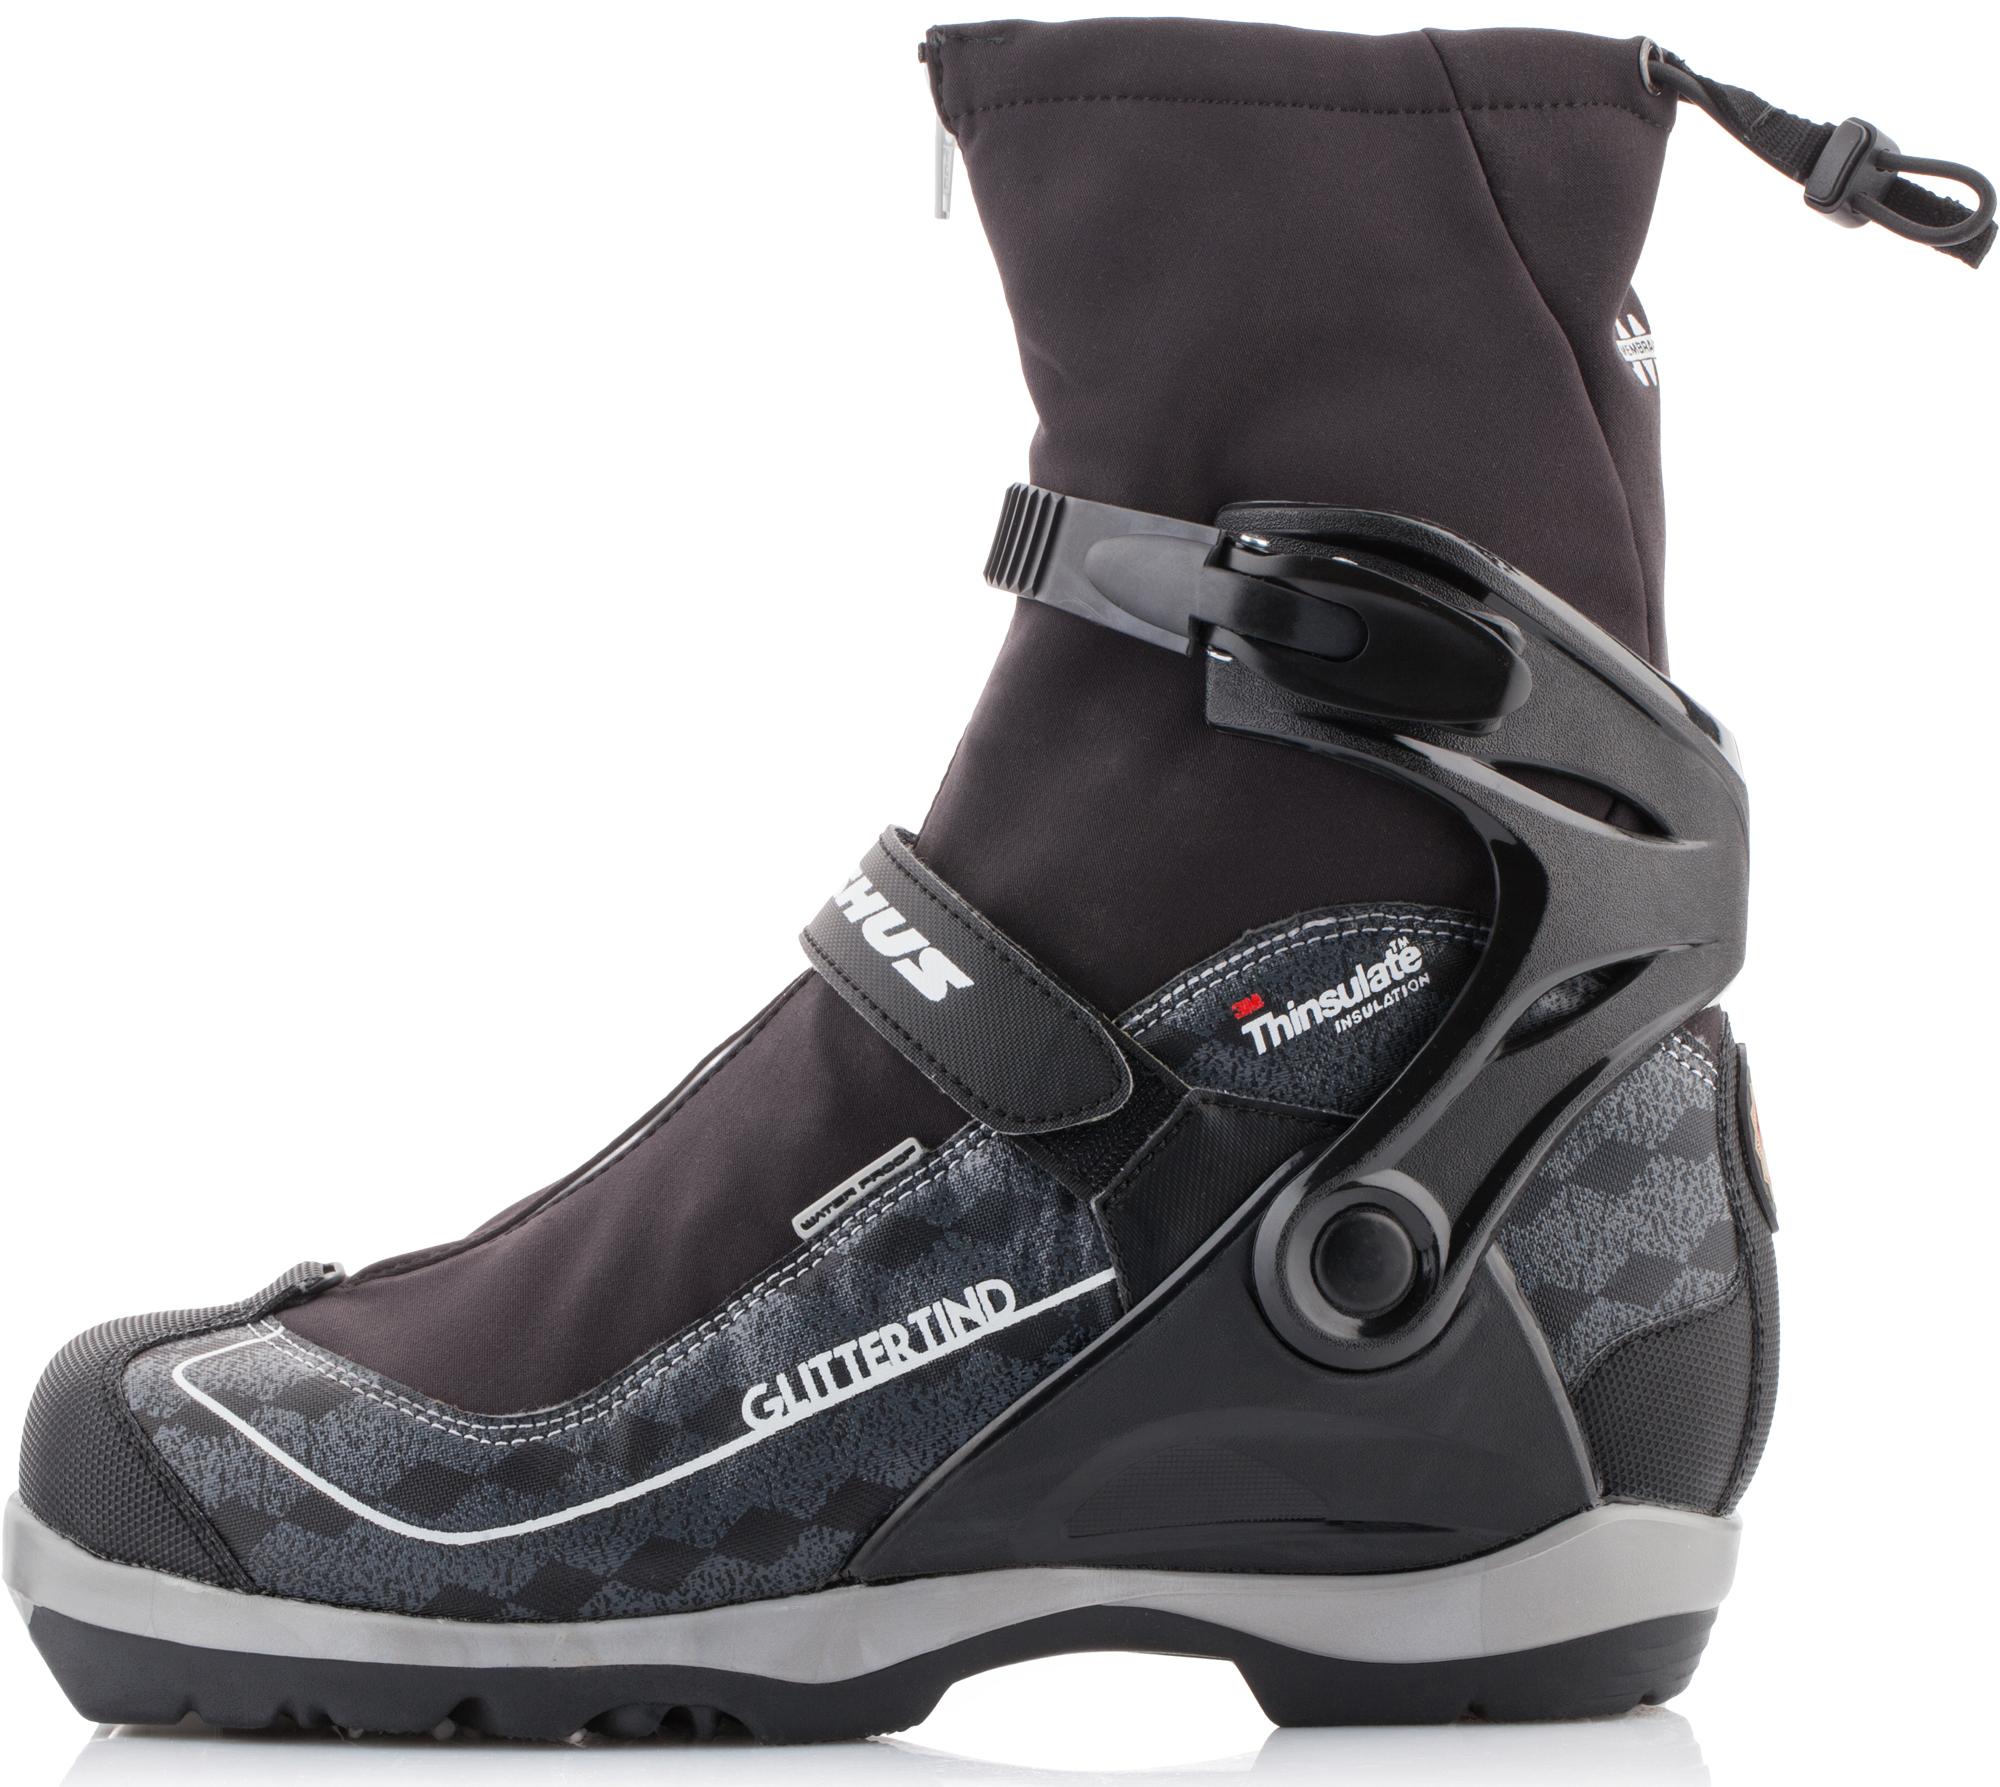 Madshus Ботинки для беговых лыж Madshus Glittertind ботинки для горных лыж в украине